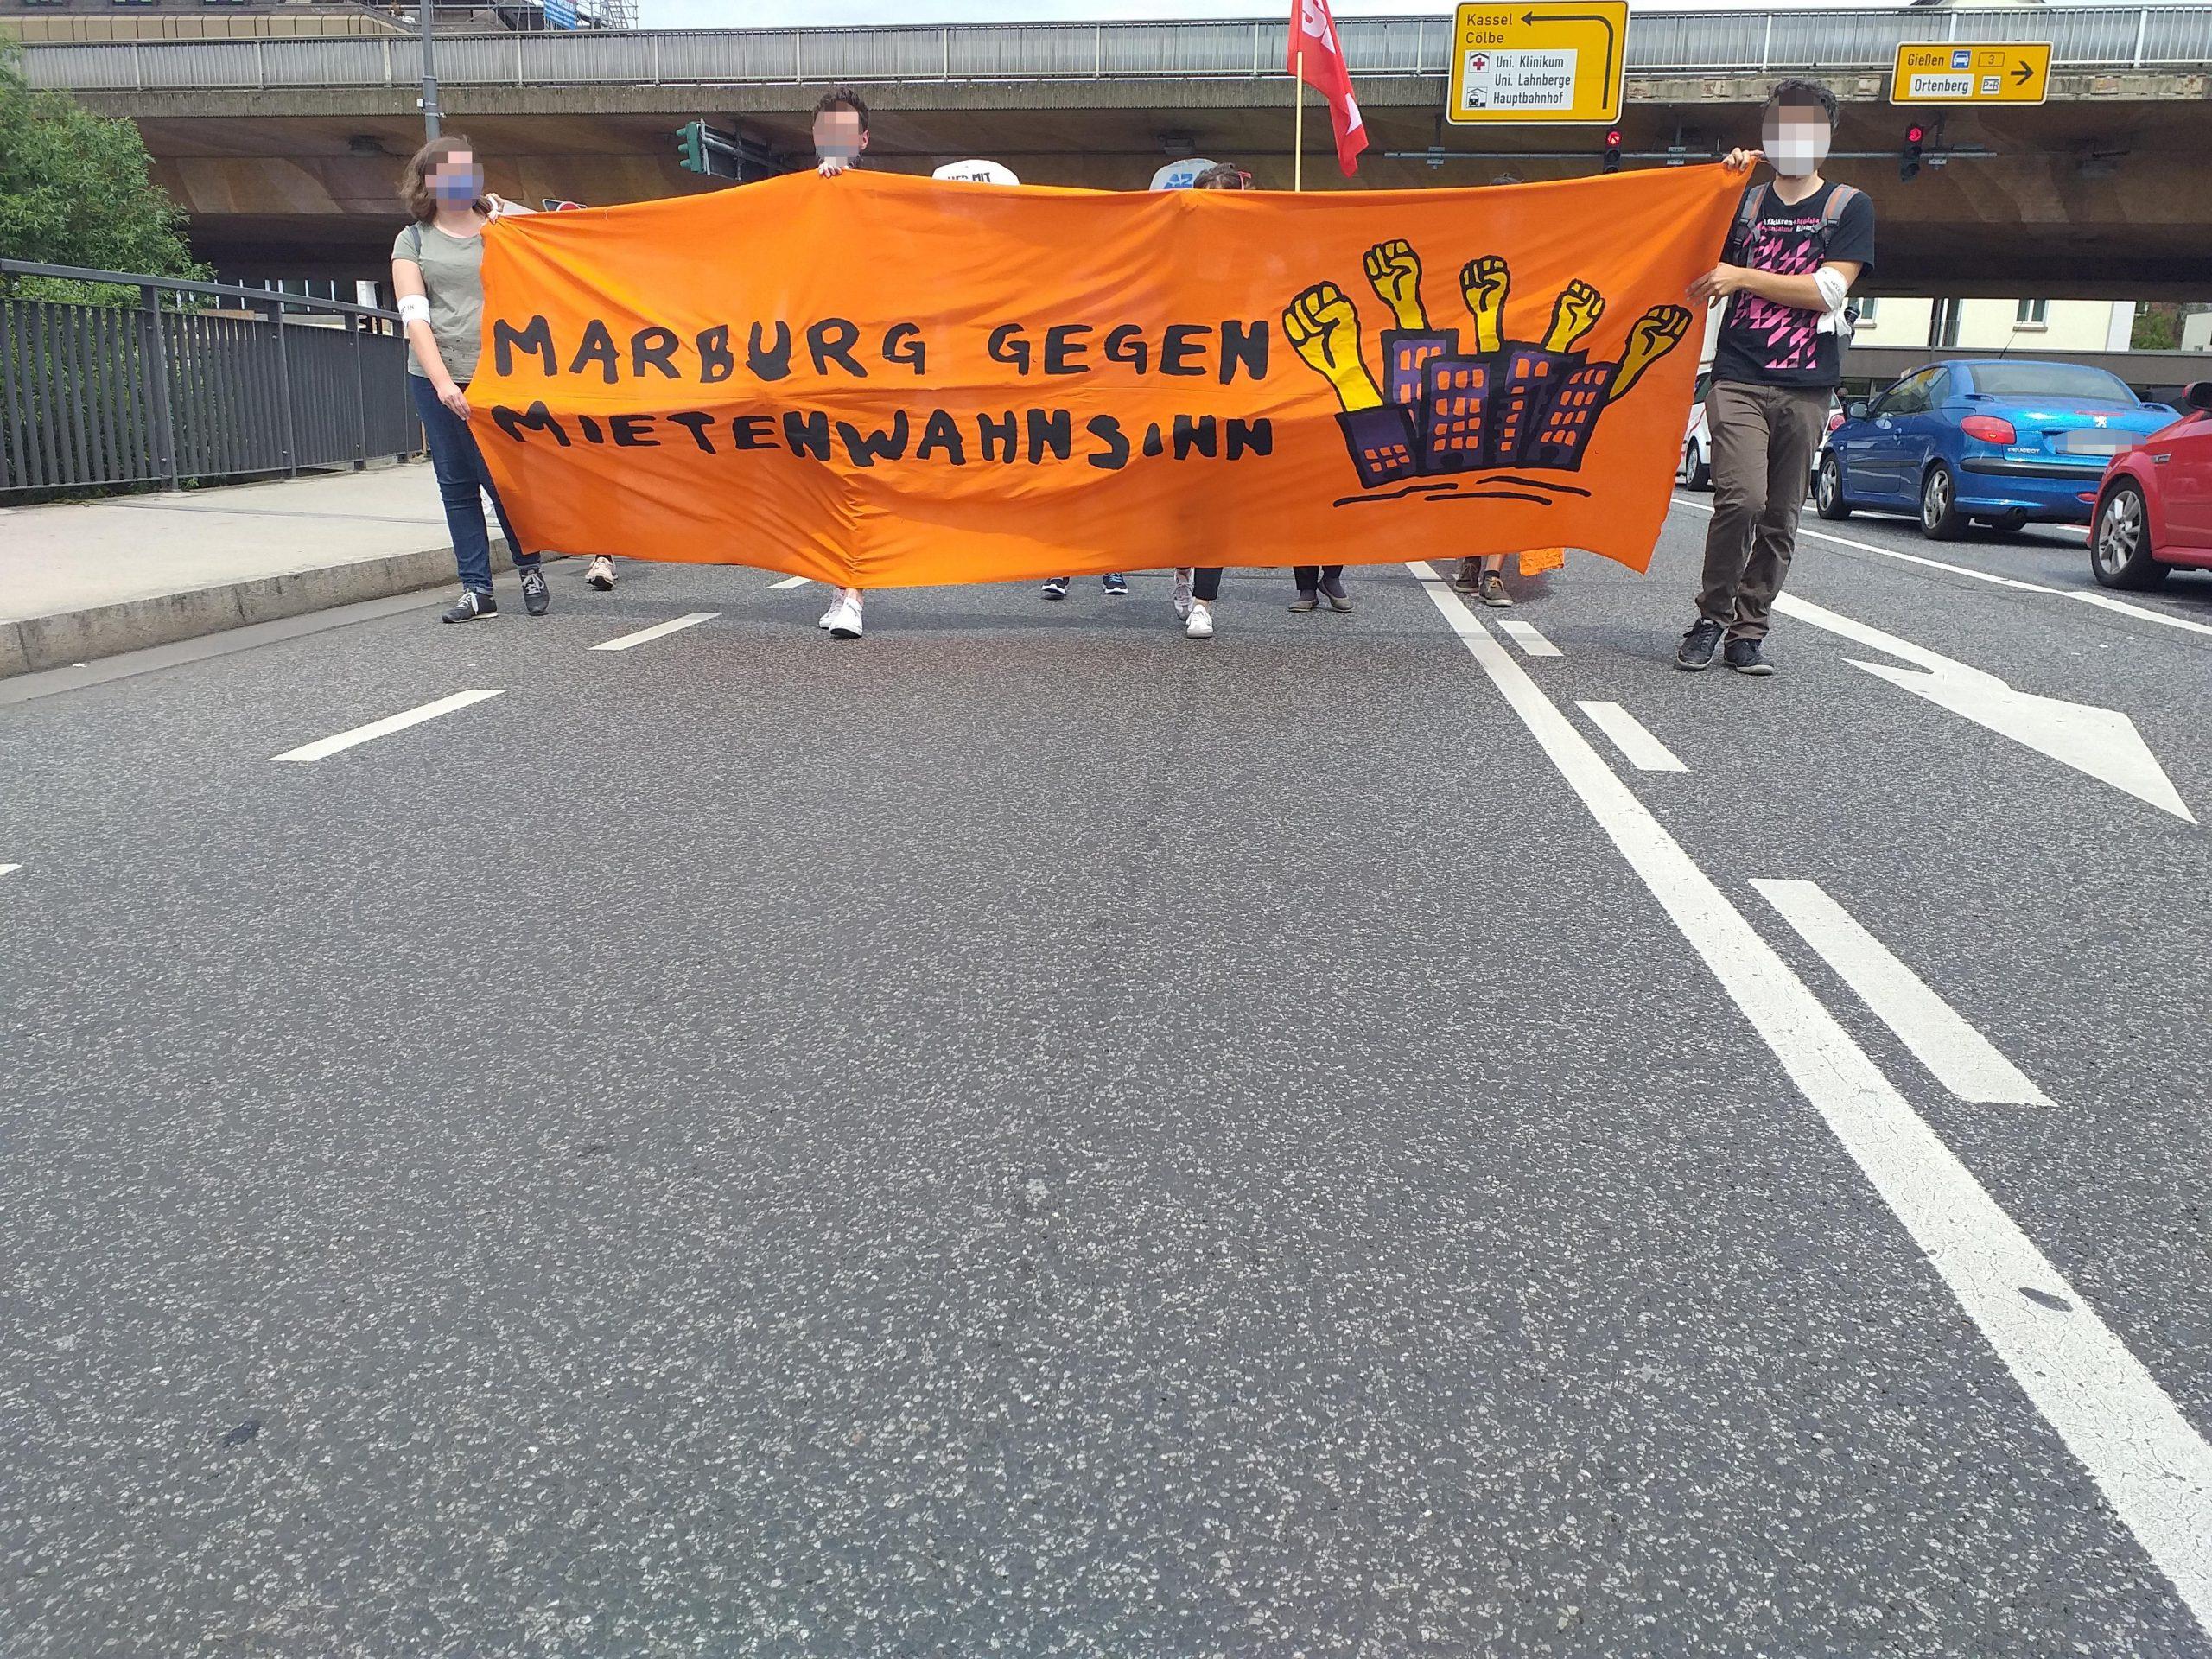 Redebeitrag: Marburg gegen Mietenwahnsinn